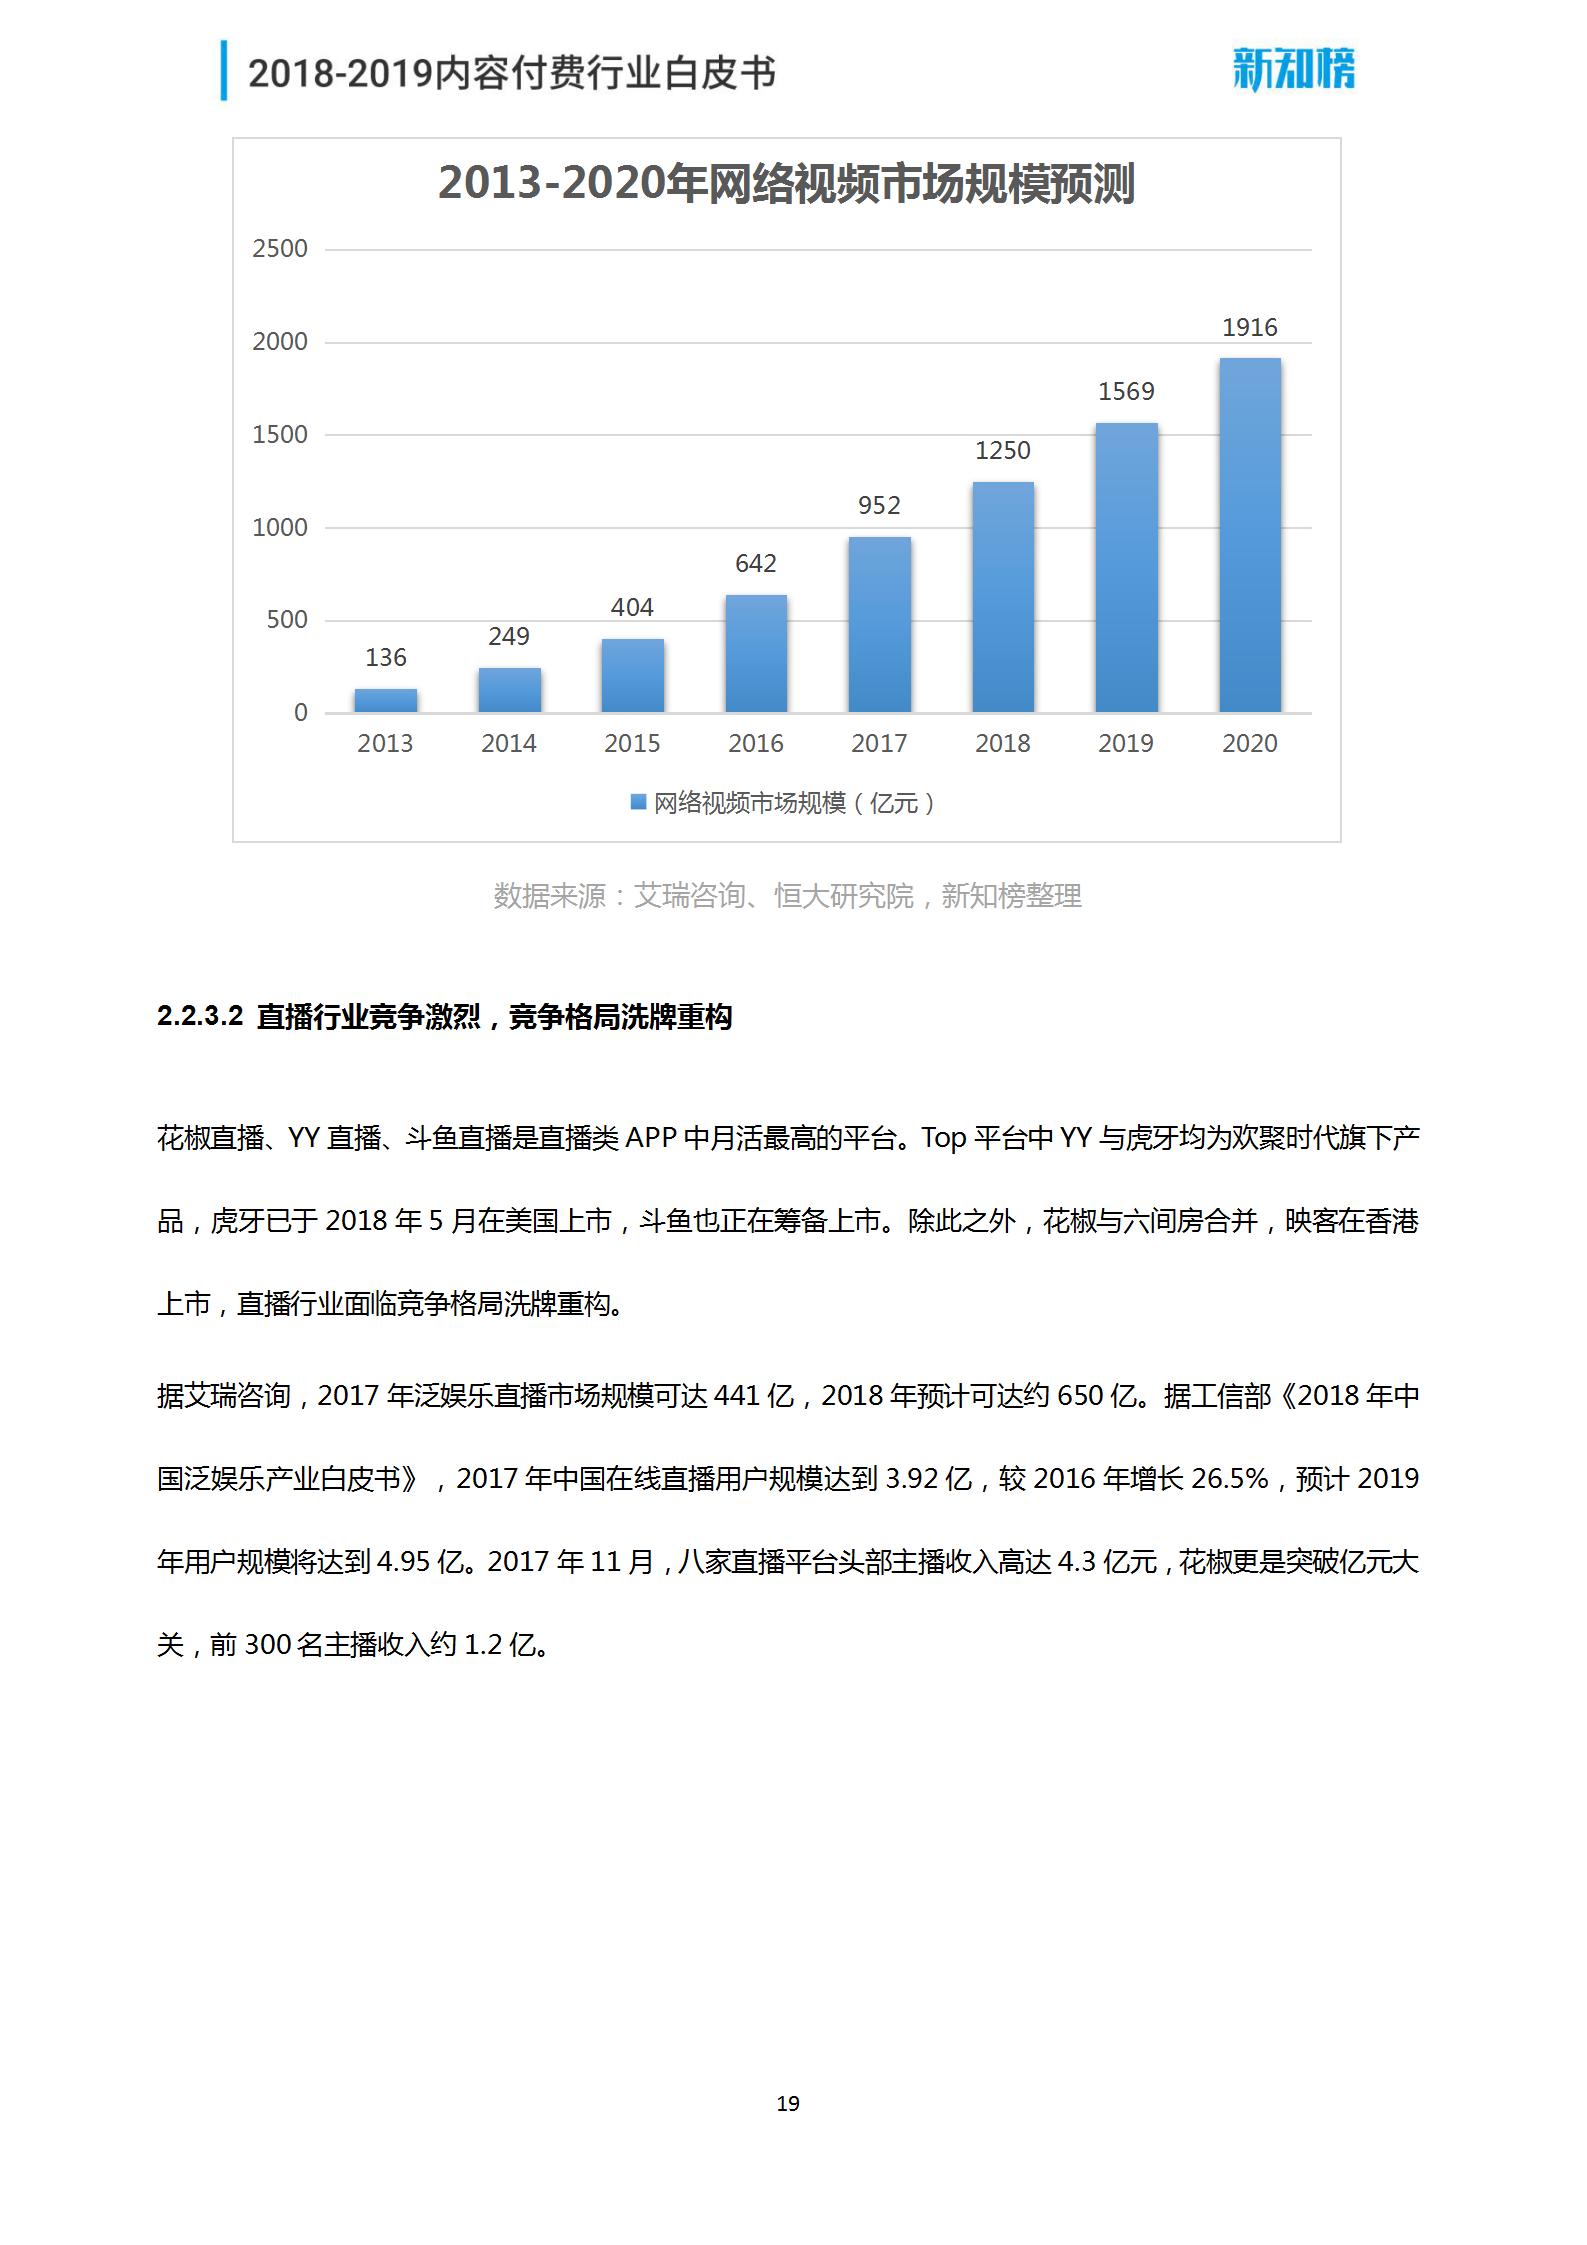 新知榜2018-2019内容付费行业白皮书_19.png